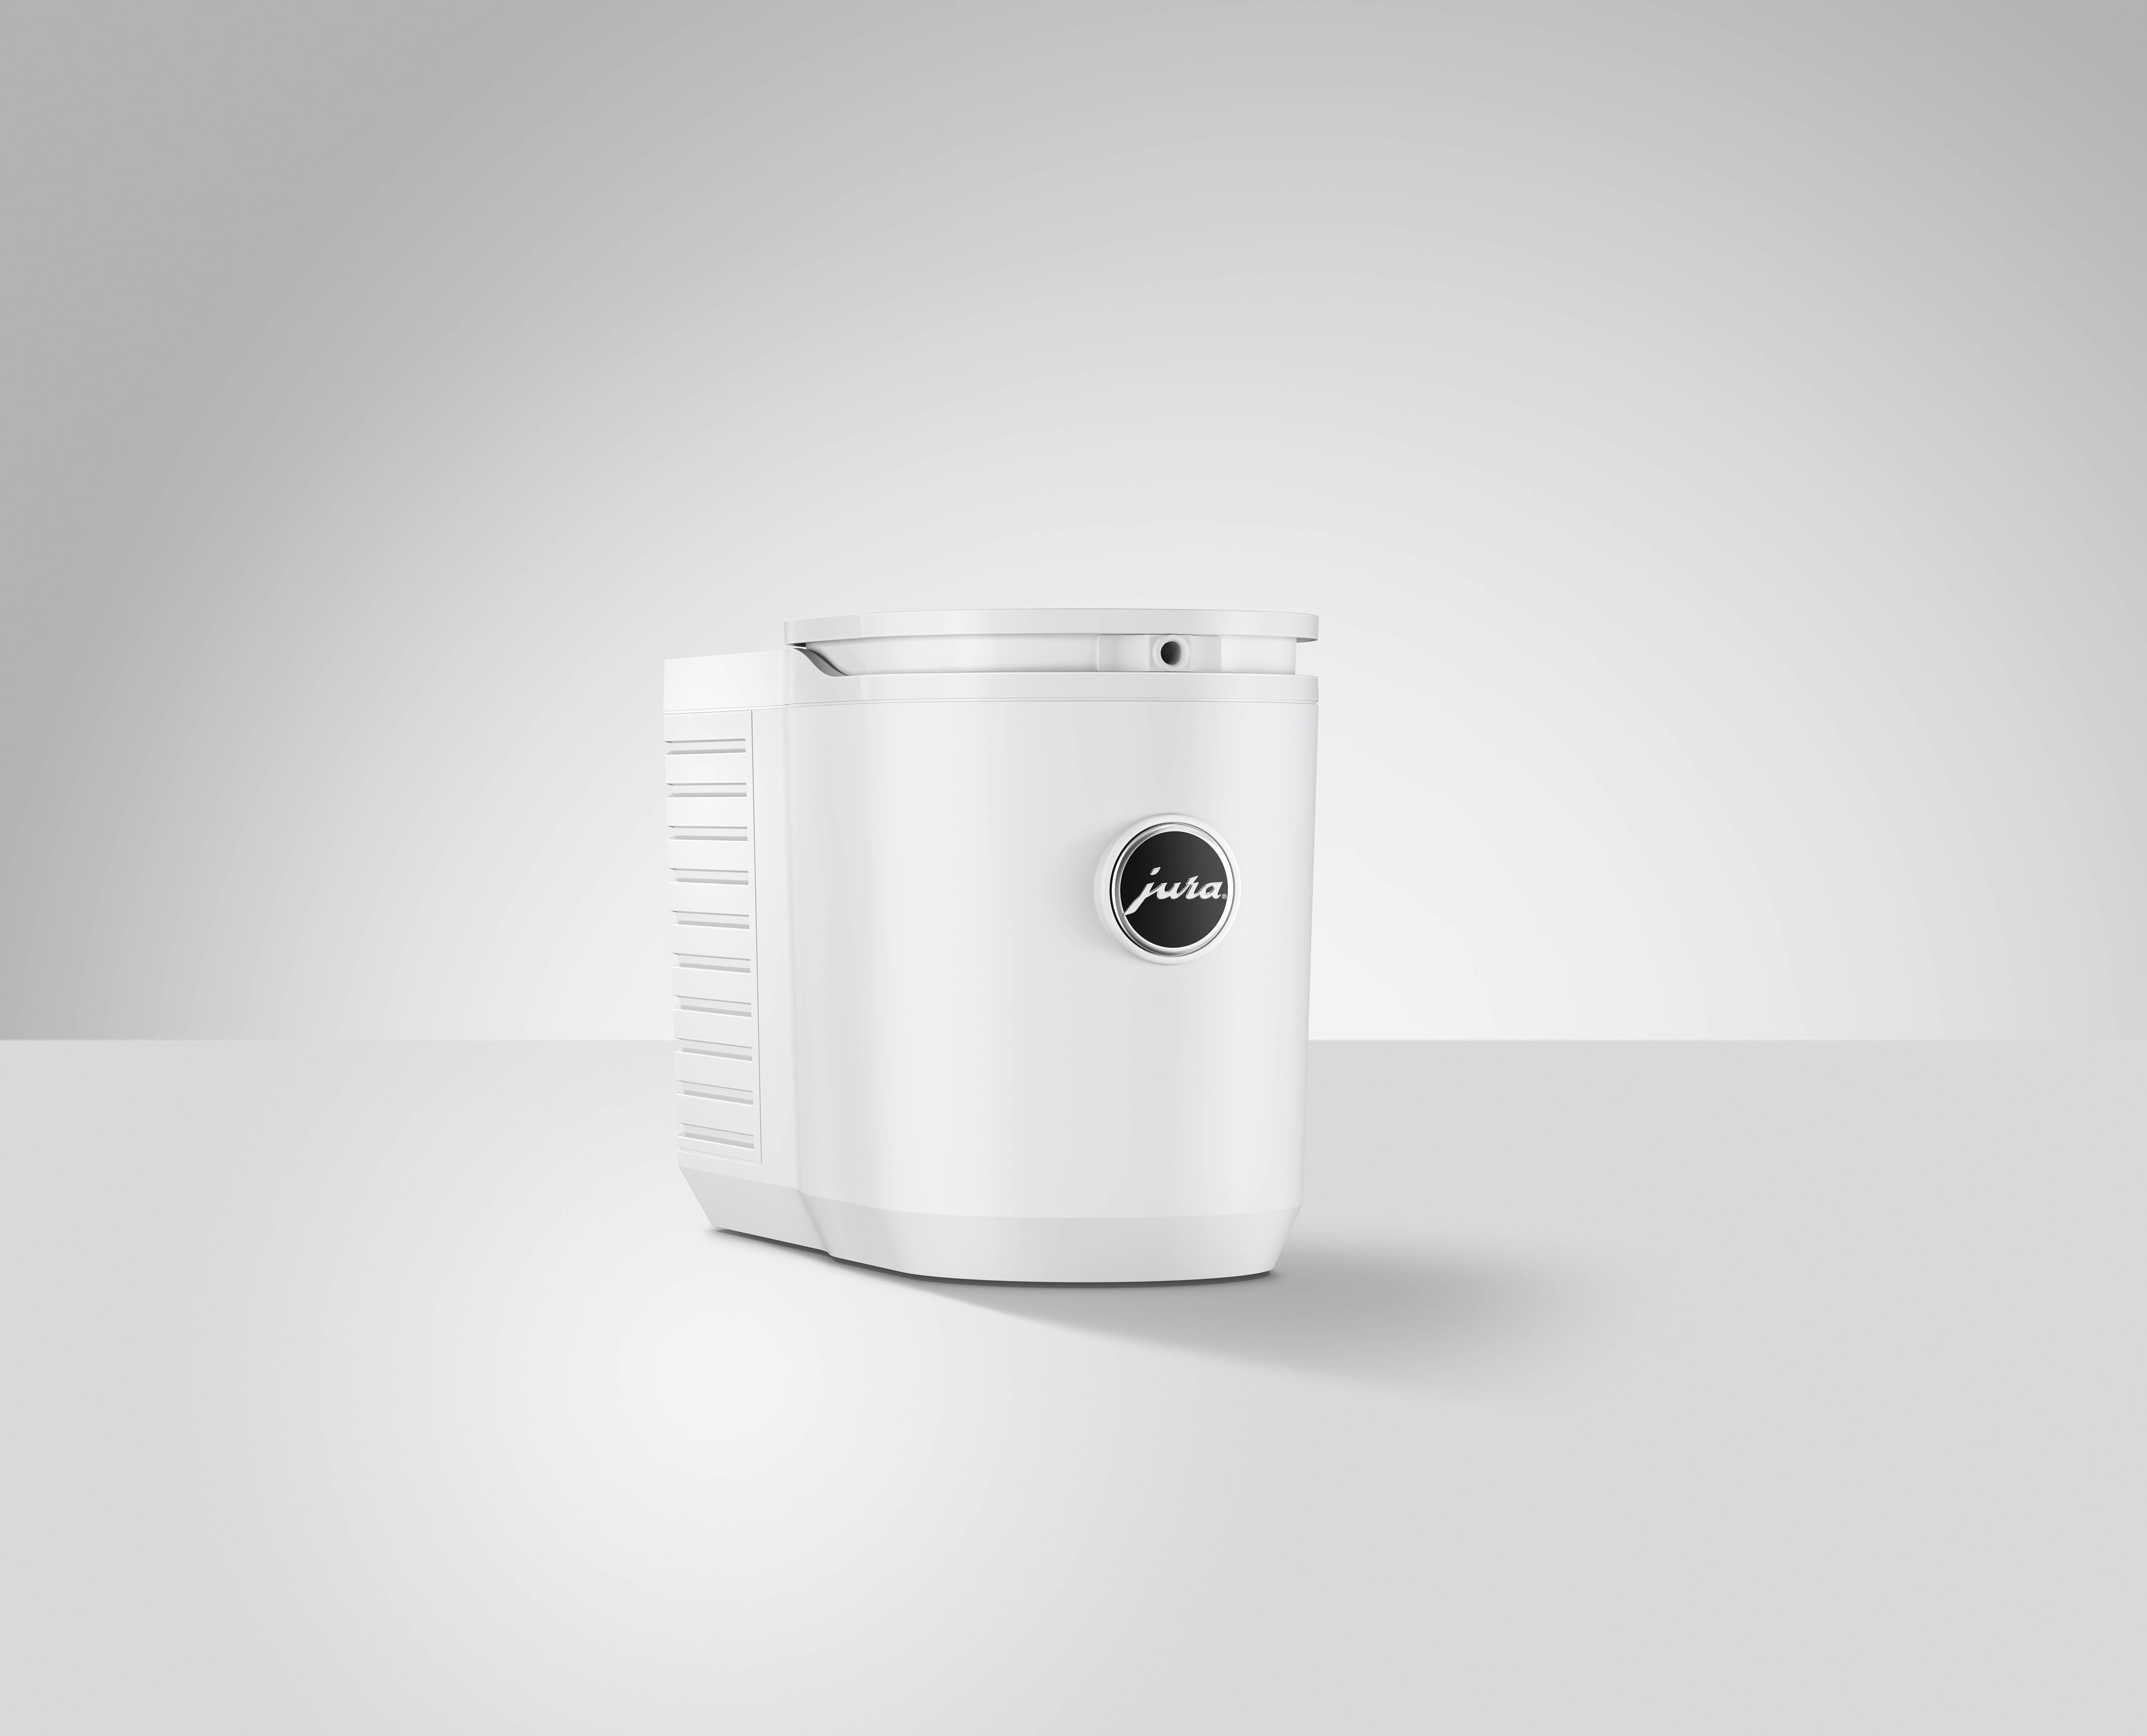 Jura Cool Control 0.6L Wit_